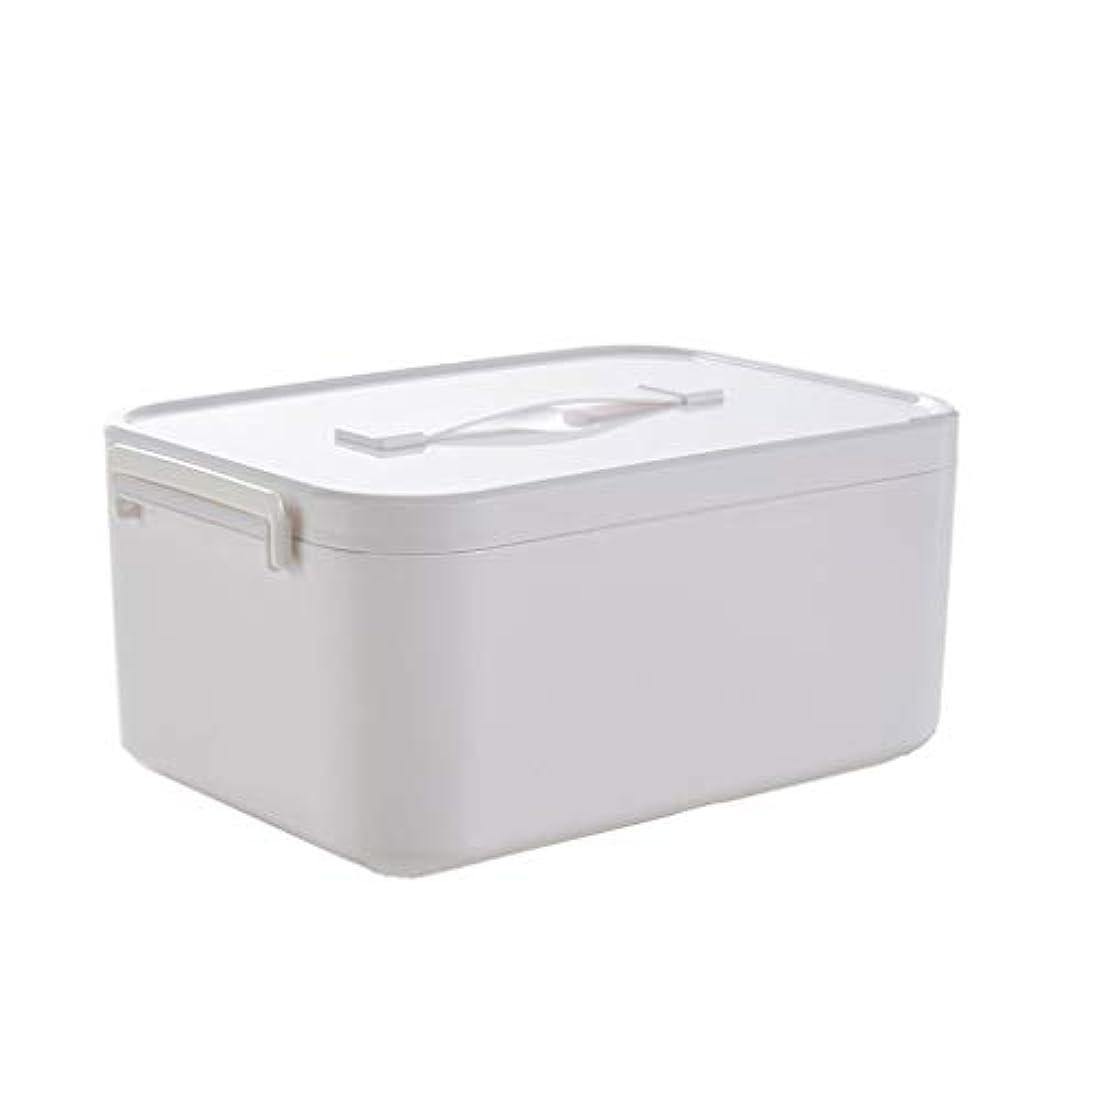 バナー首相帳面家庭用薬箱大小プラスチック白大容量薬収納箱家族収納薬箱 HUXIUPING (Size : L)